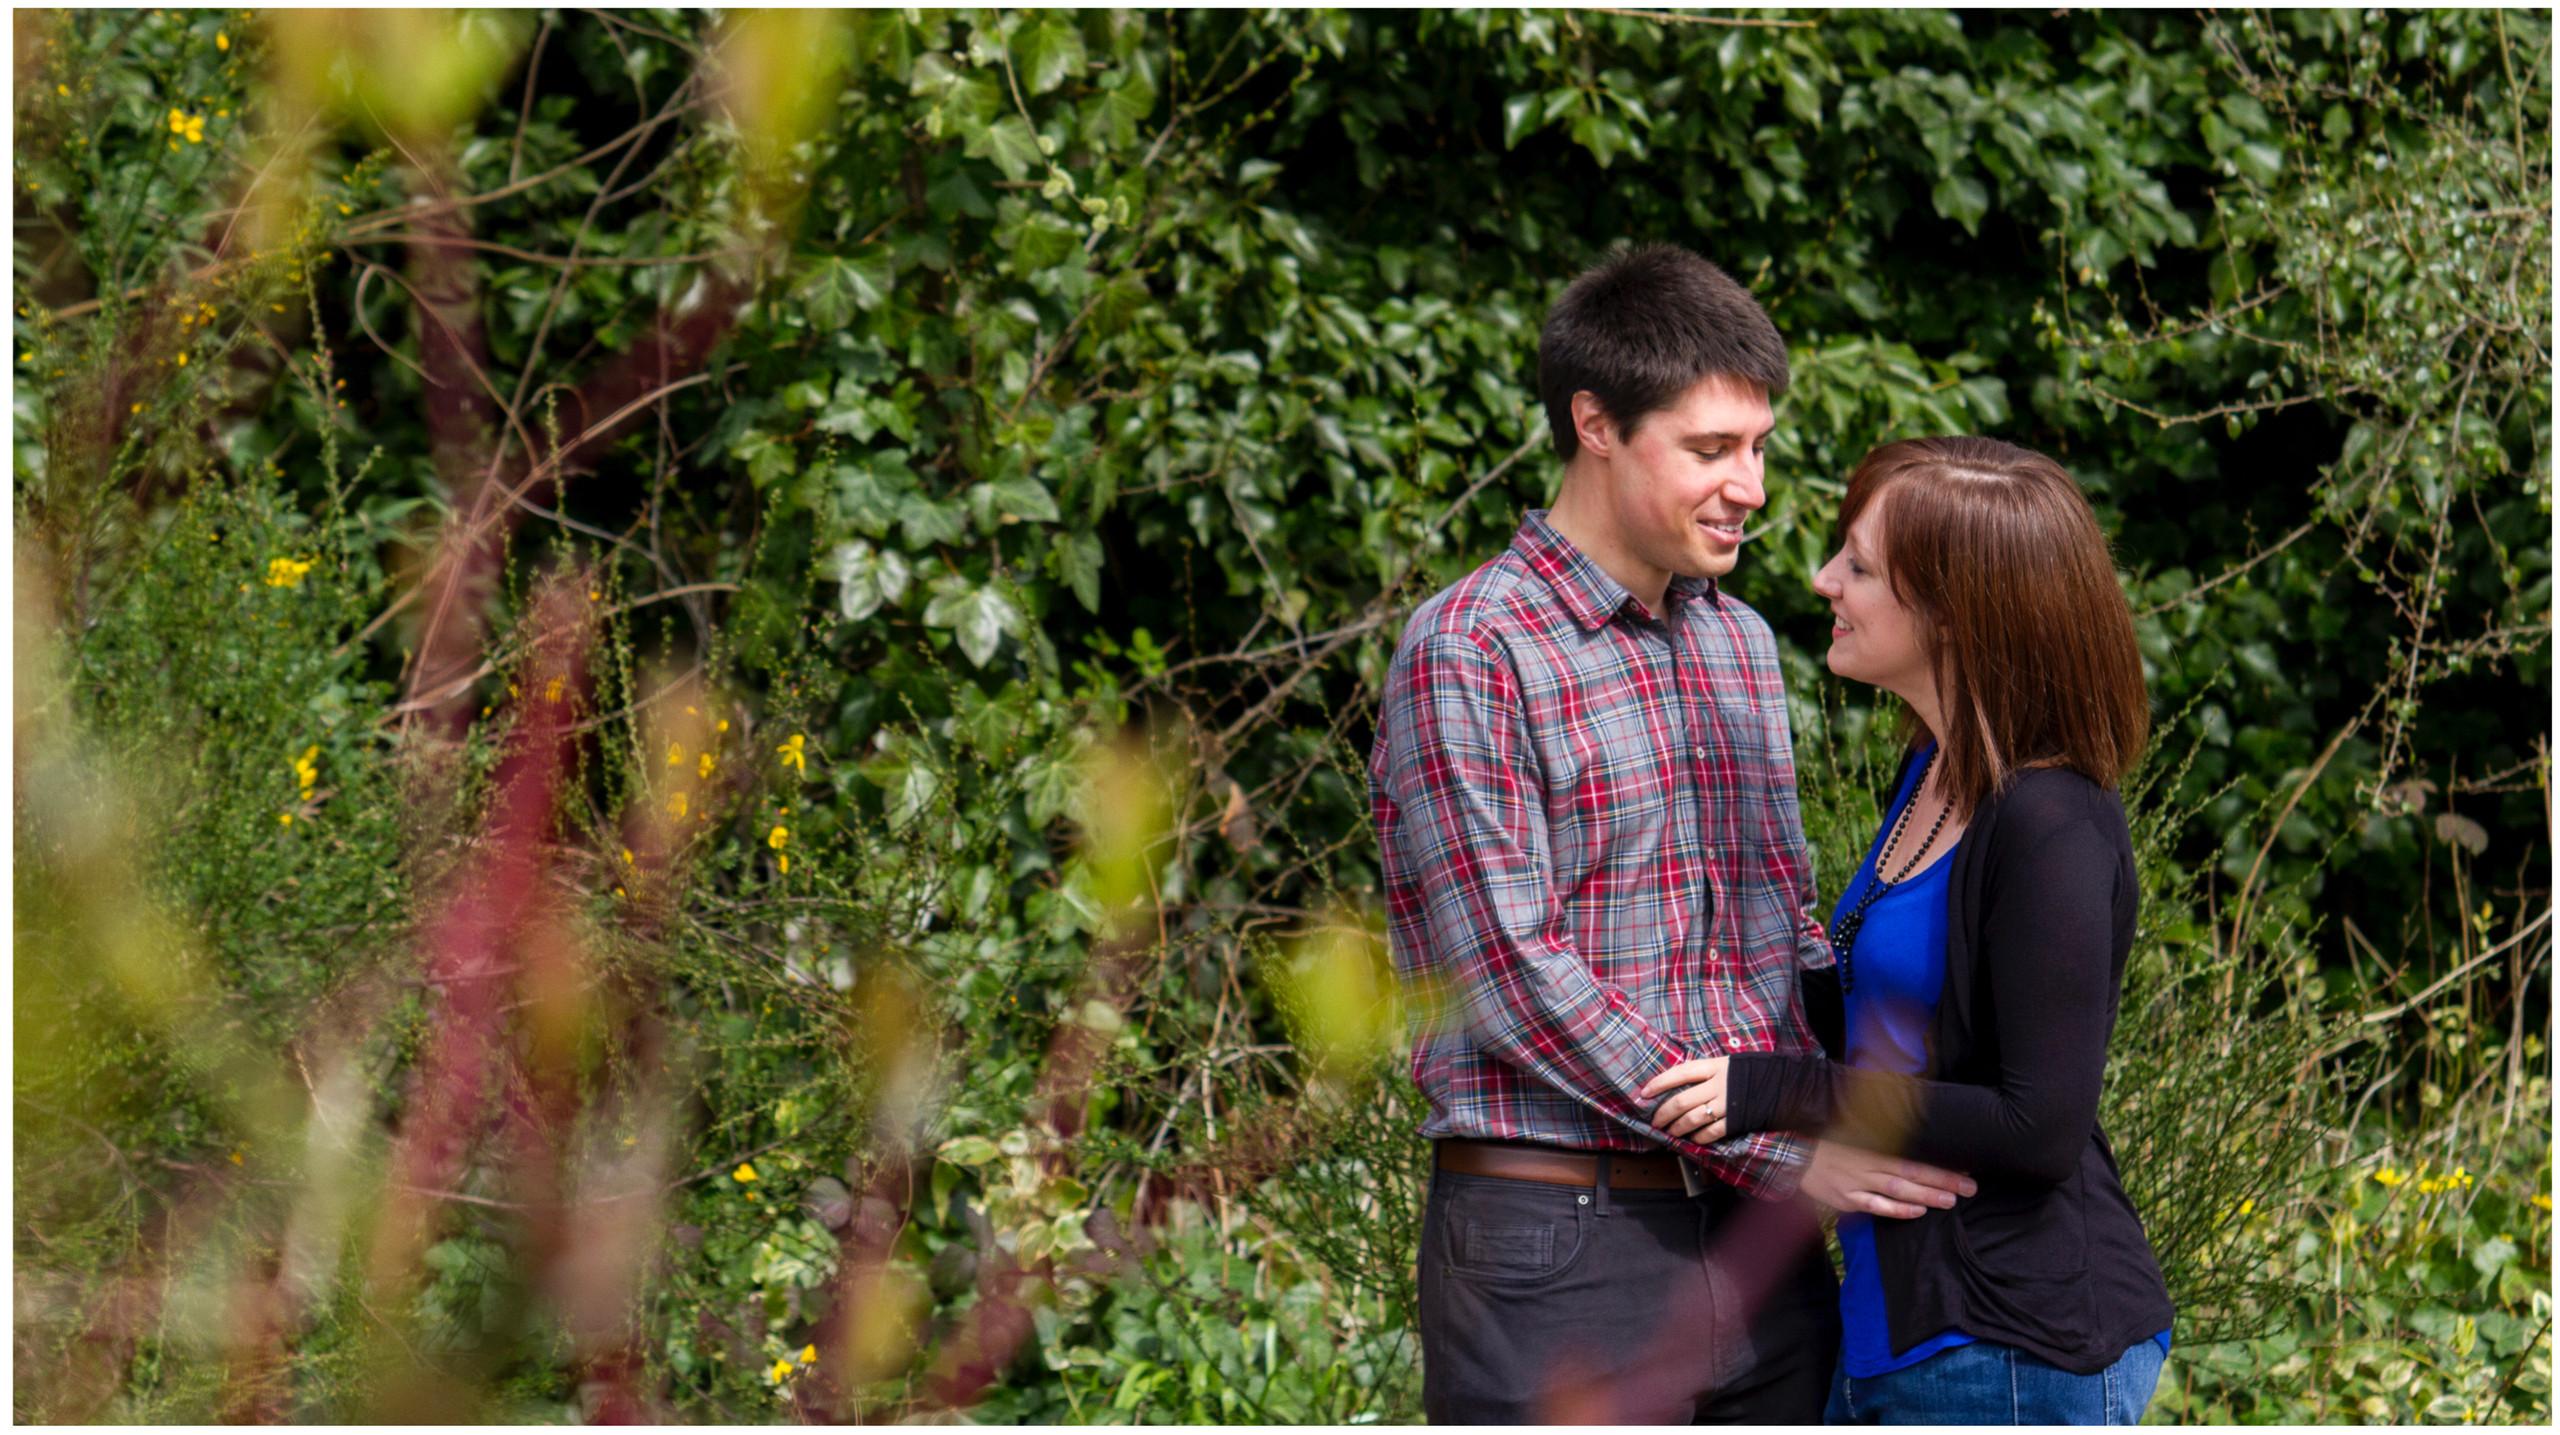 engagement portrait photography kinver